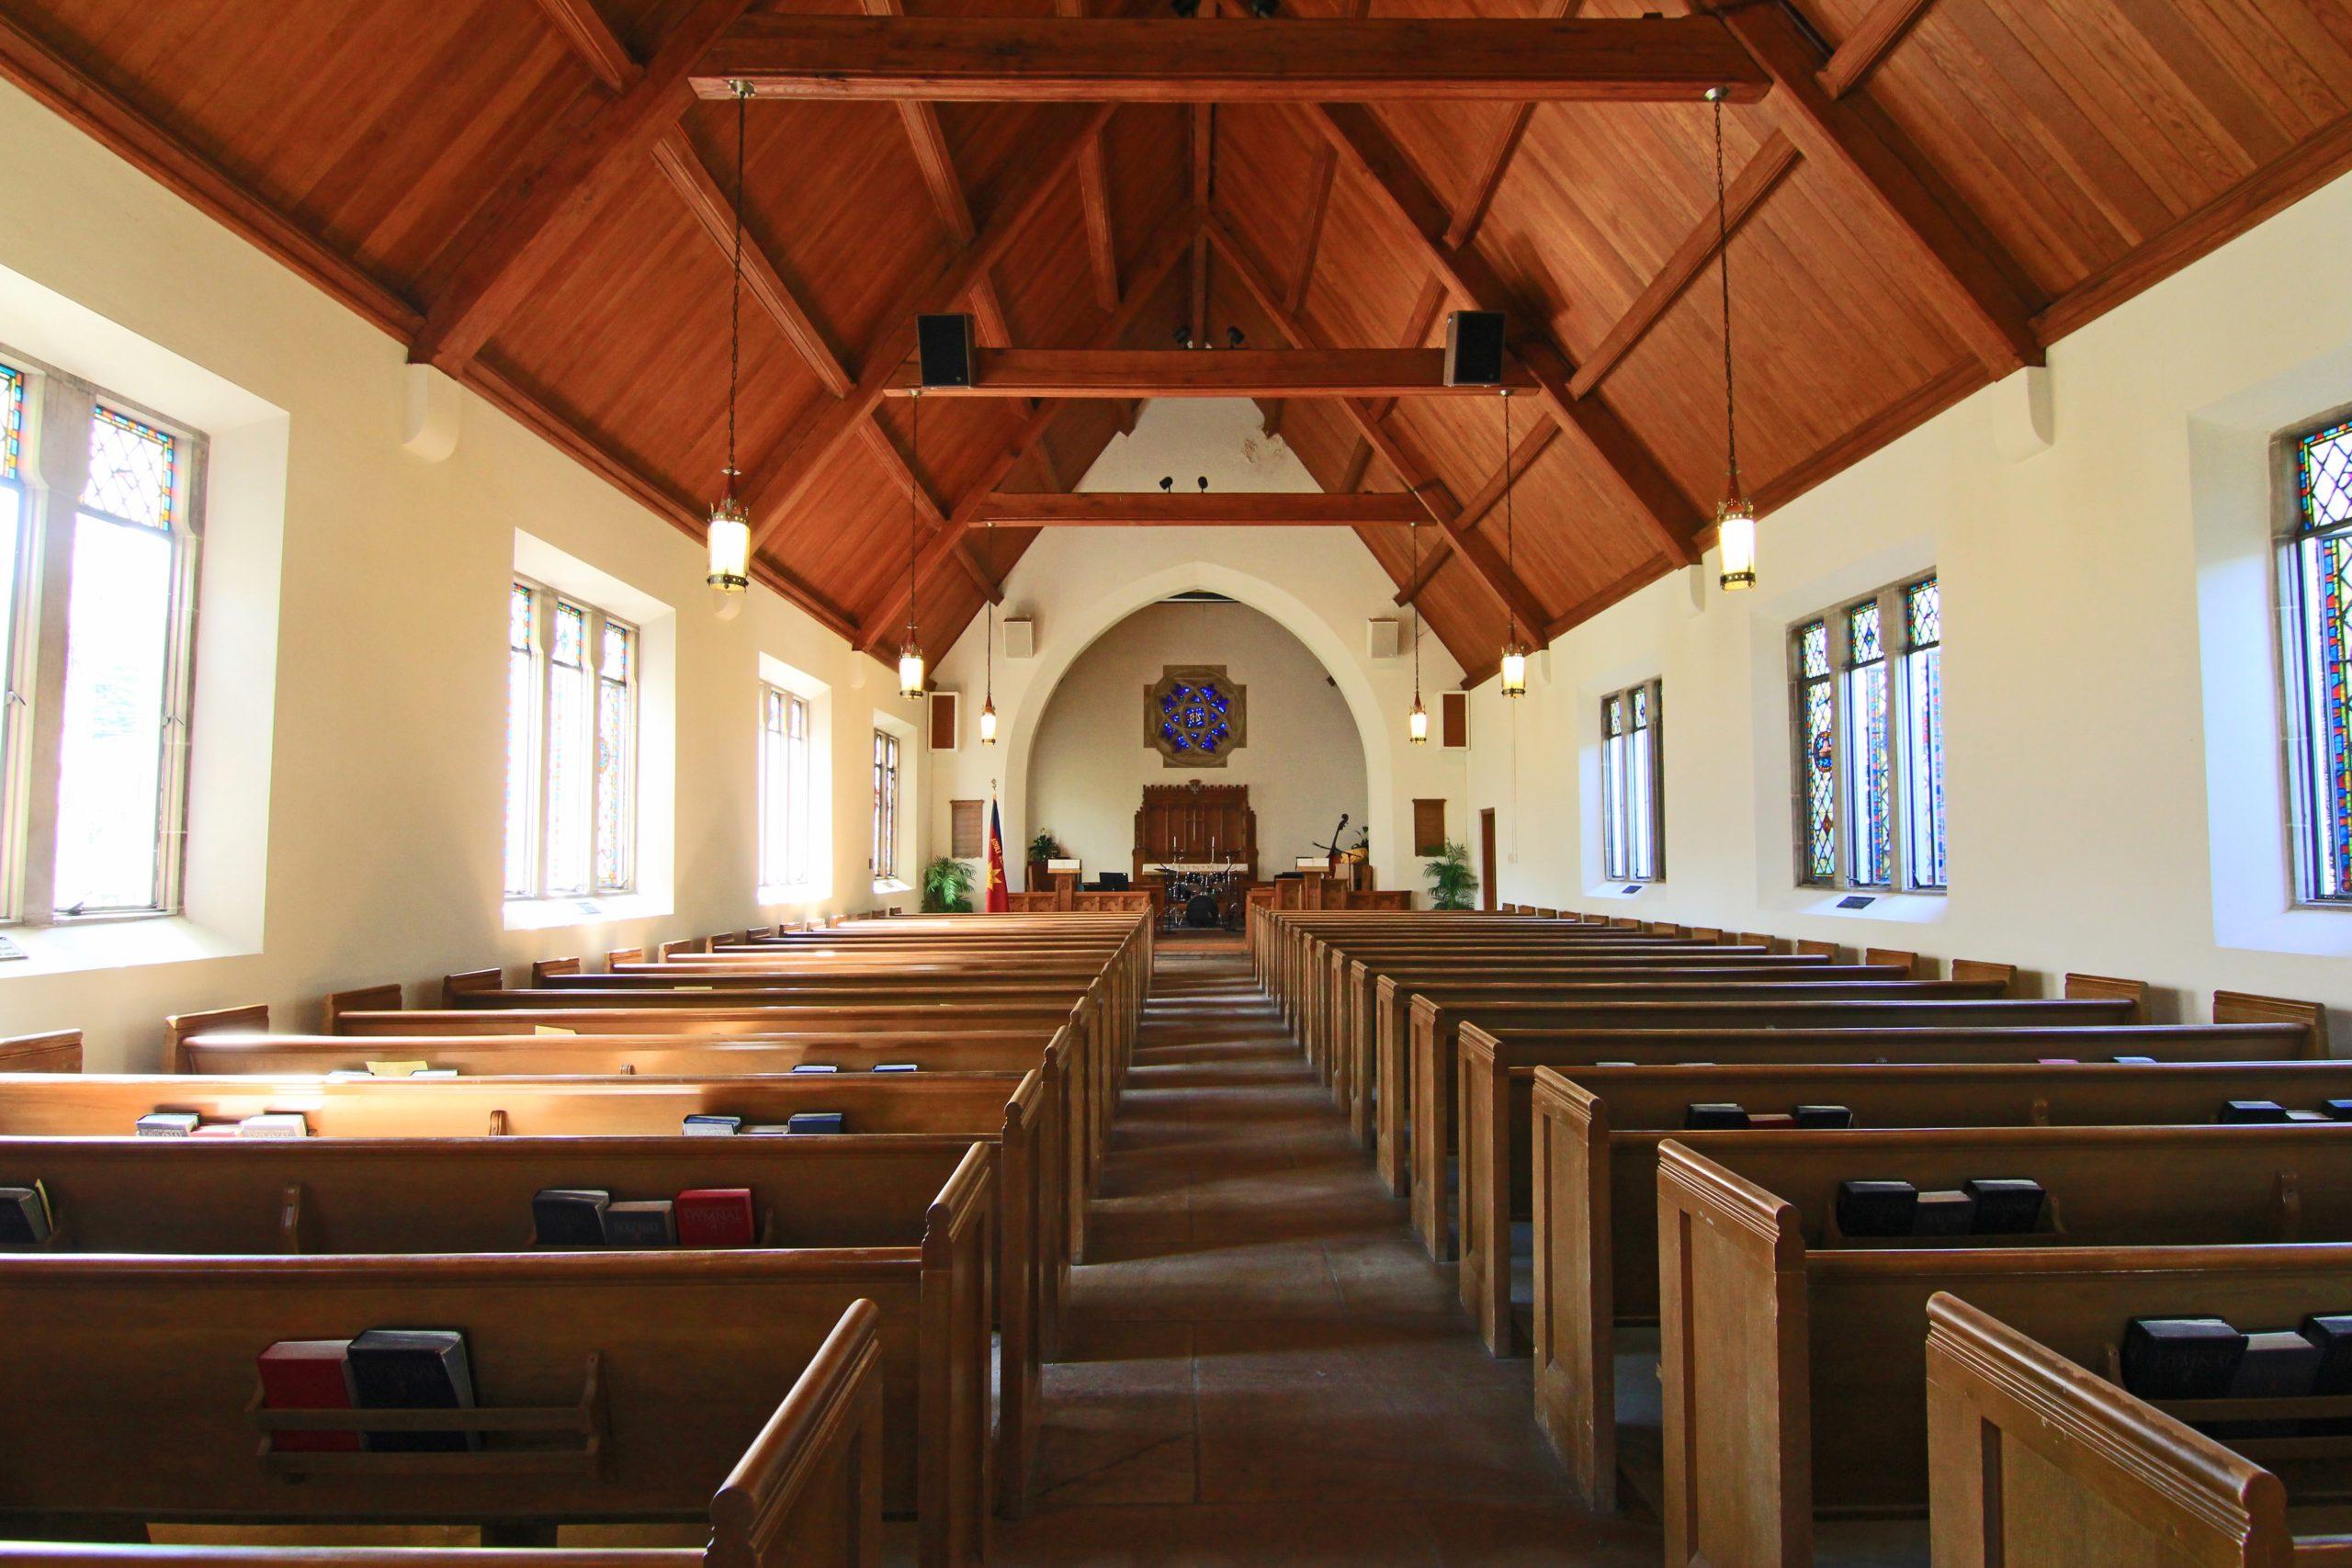 Governador da Califórnia pagará multa por fechar igrejas